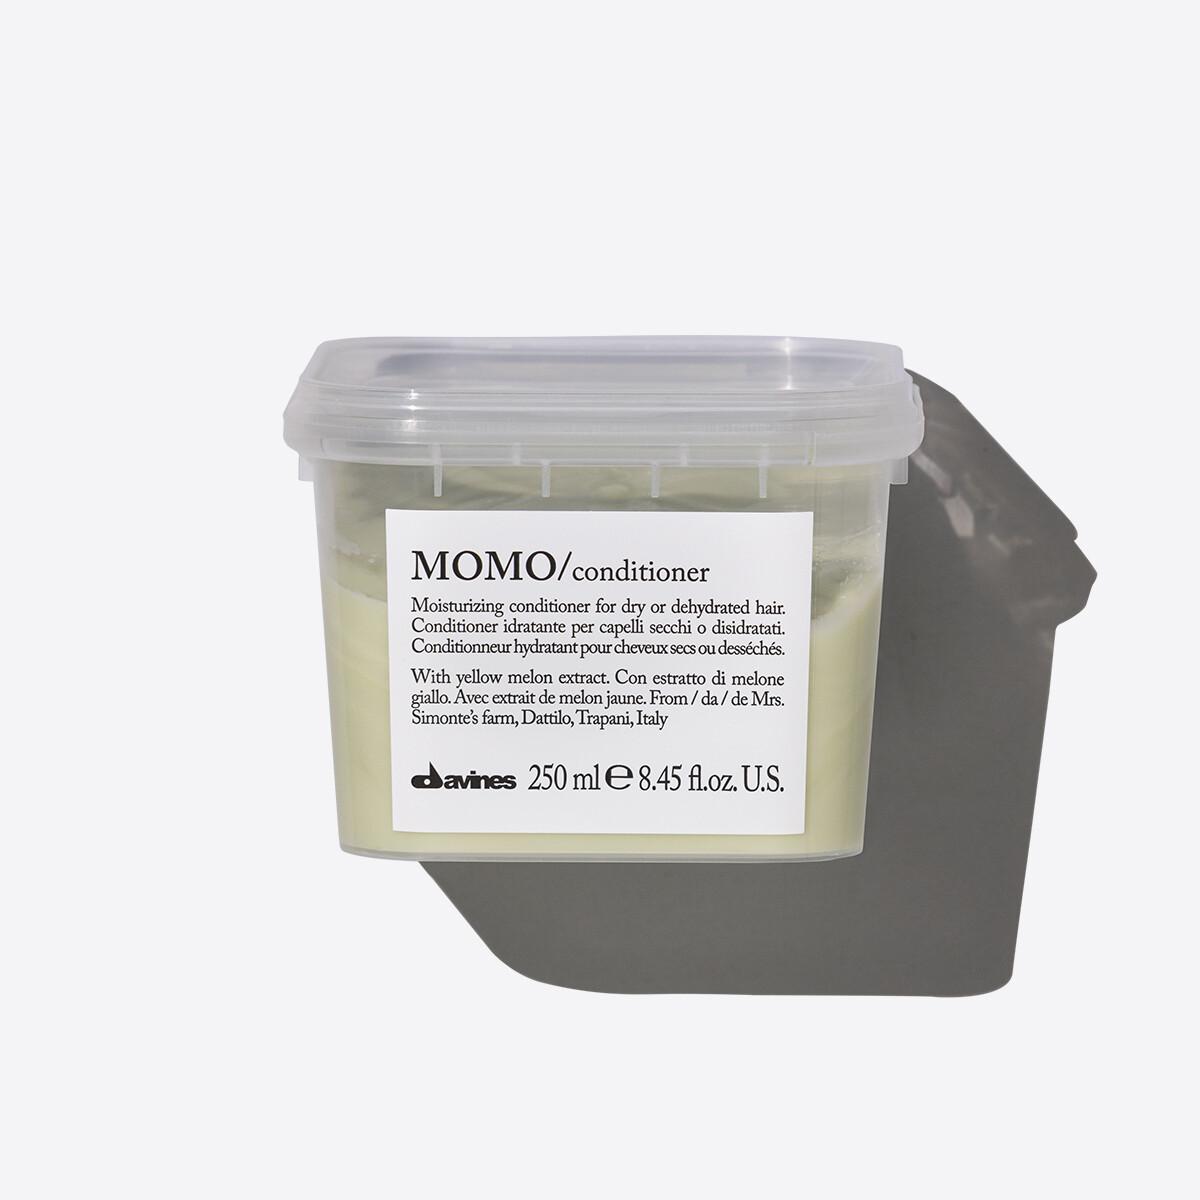 MOMO/conditioner 250ml